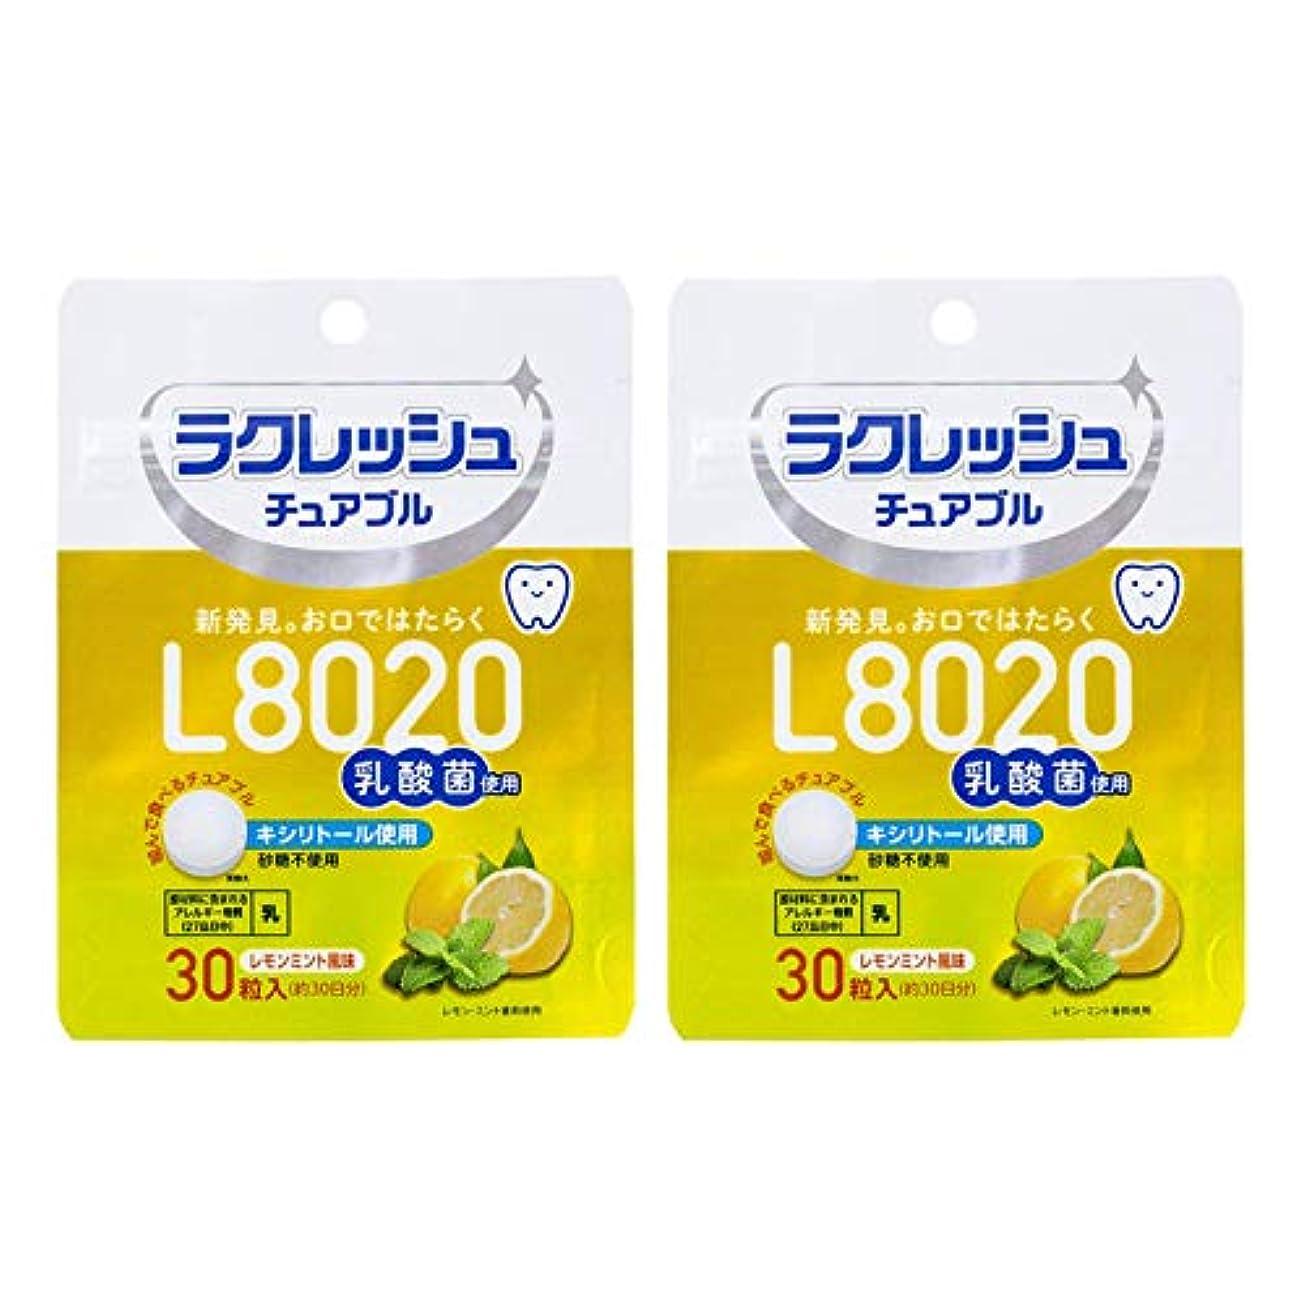 釈義クルーバターラクレッシュ L8020 乳酸菌 チュアブル レモンミント風味 オーラルケア 30粒入×2袋